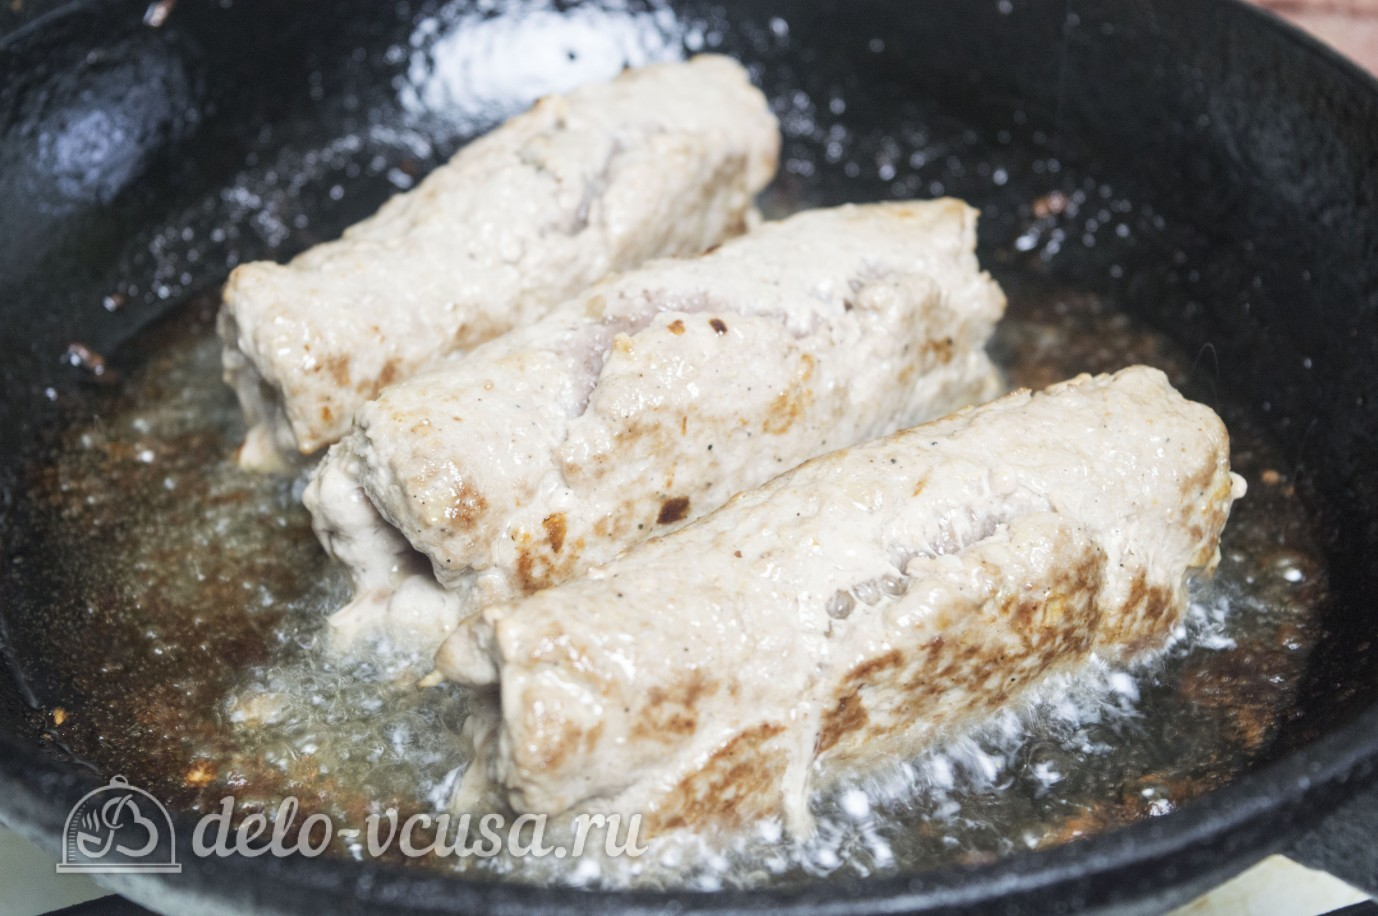 Вкусное печенье на сковороде рецепт с фото пошагово